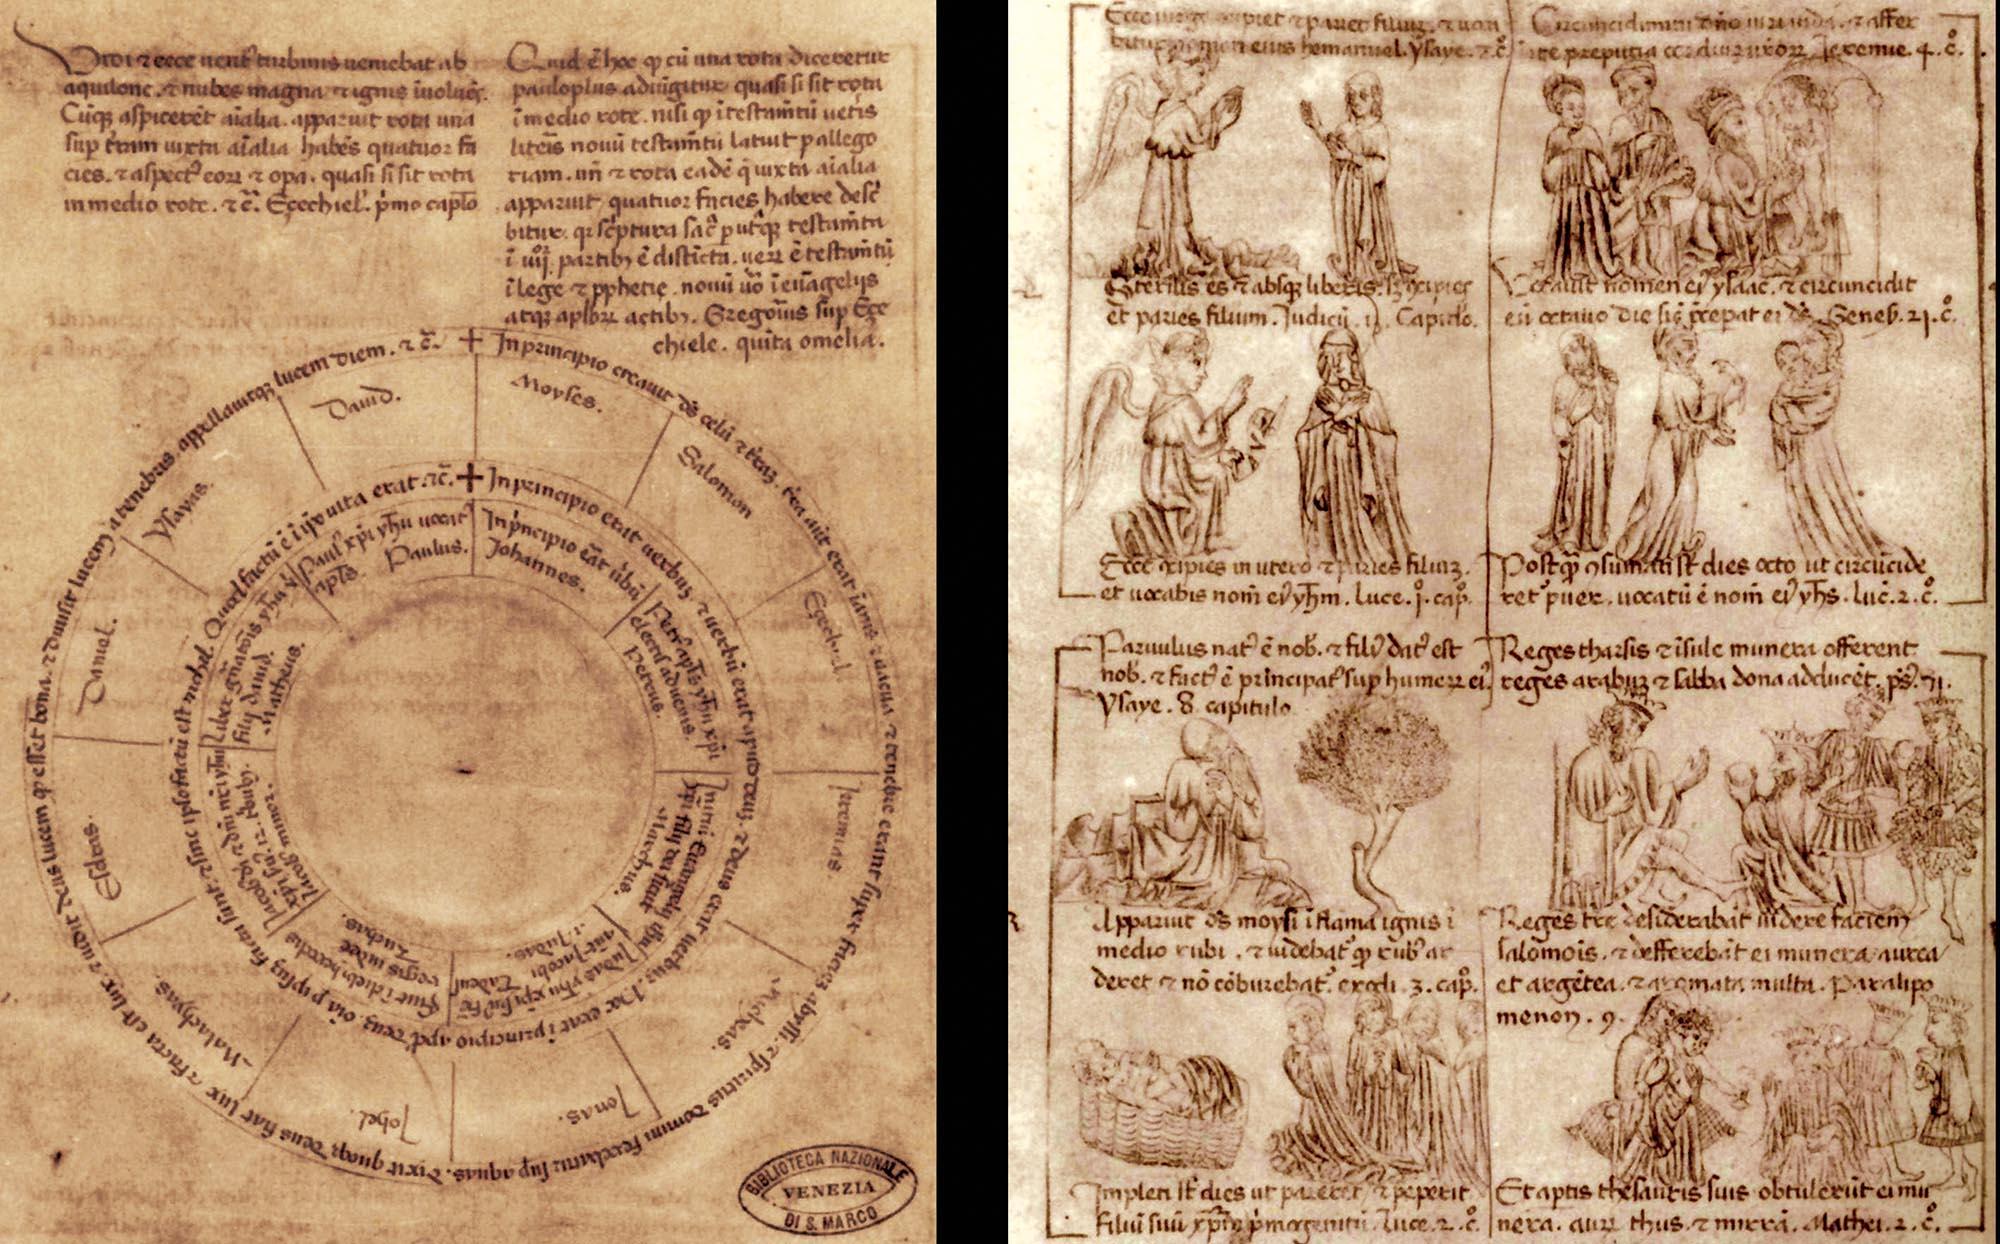 Il primo folio (recto e verso) del manoscritto della Biblioteca Marciana